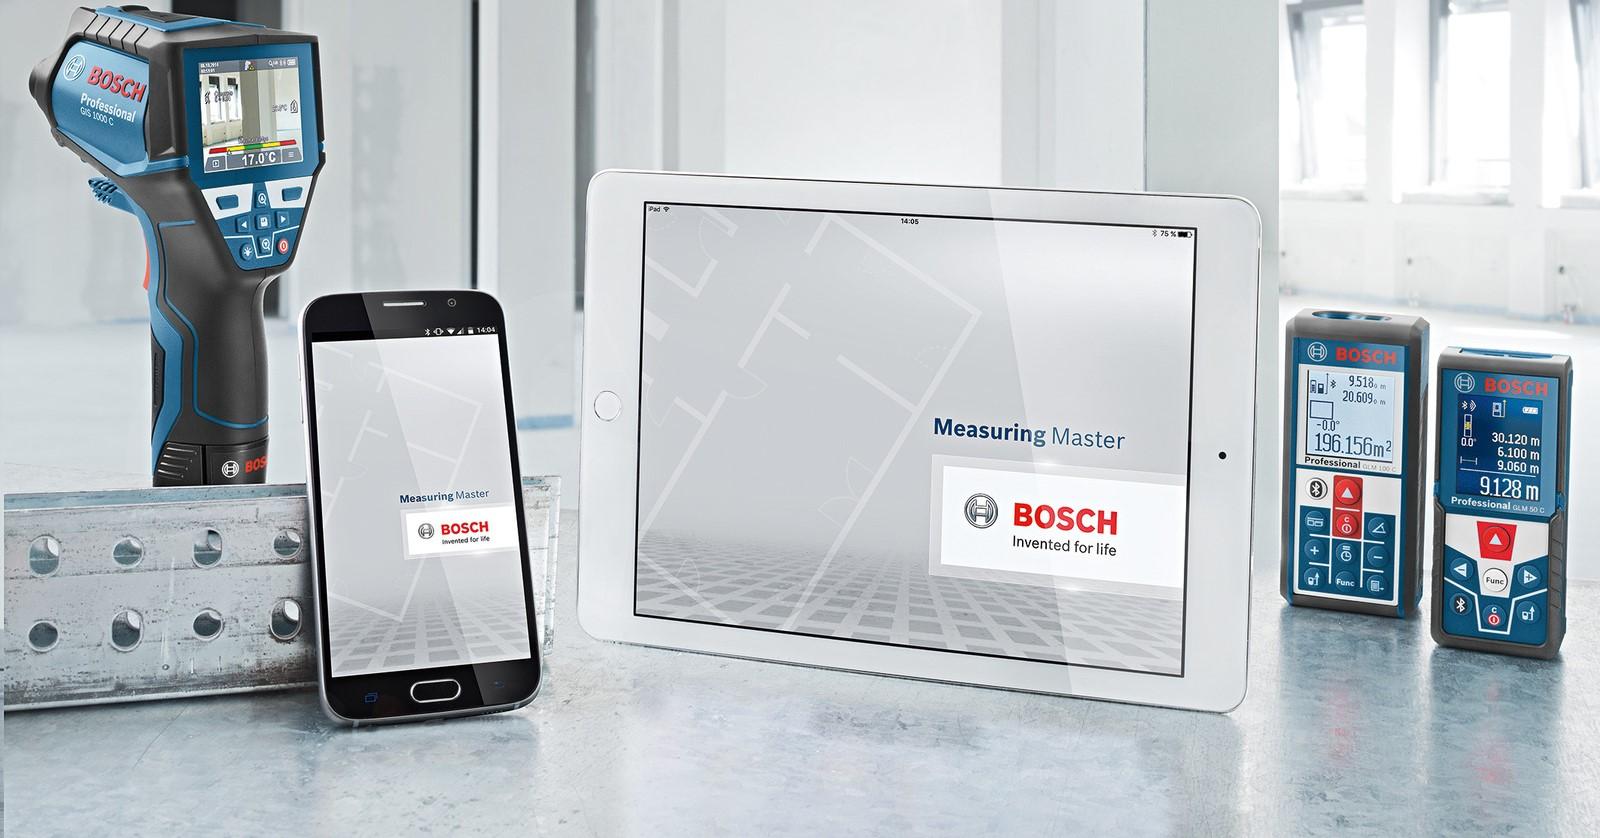 Neue measuring master app von bosch für profis bosch media service